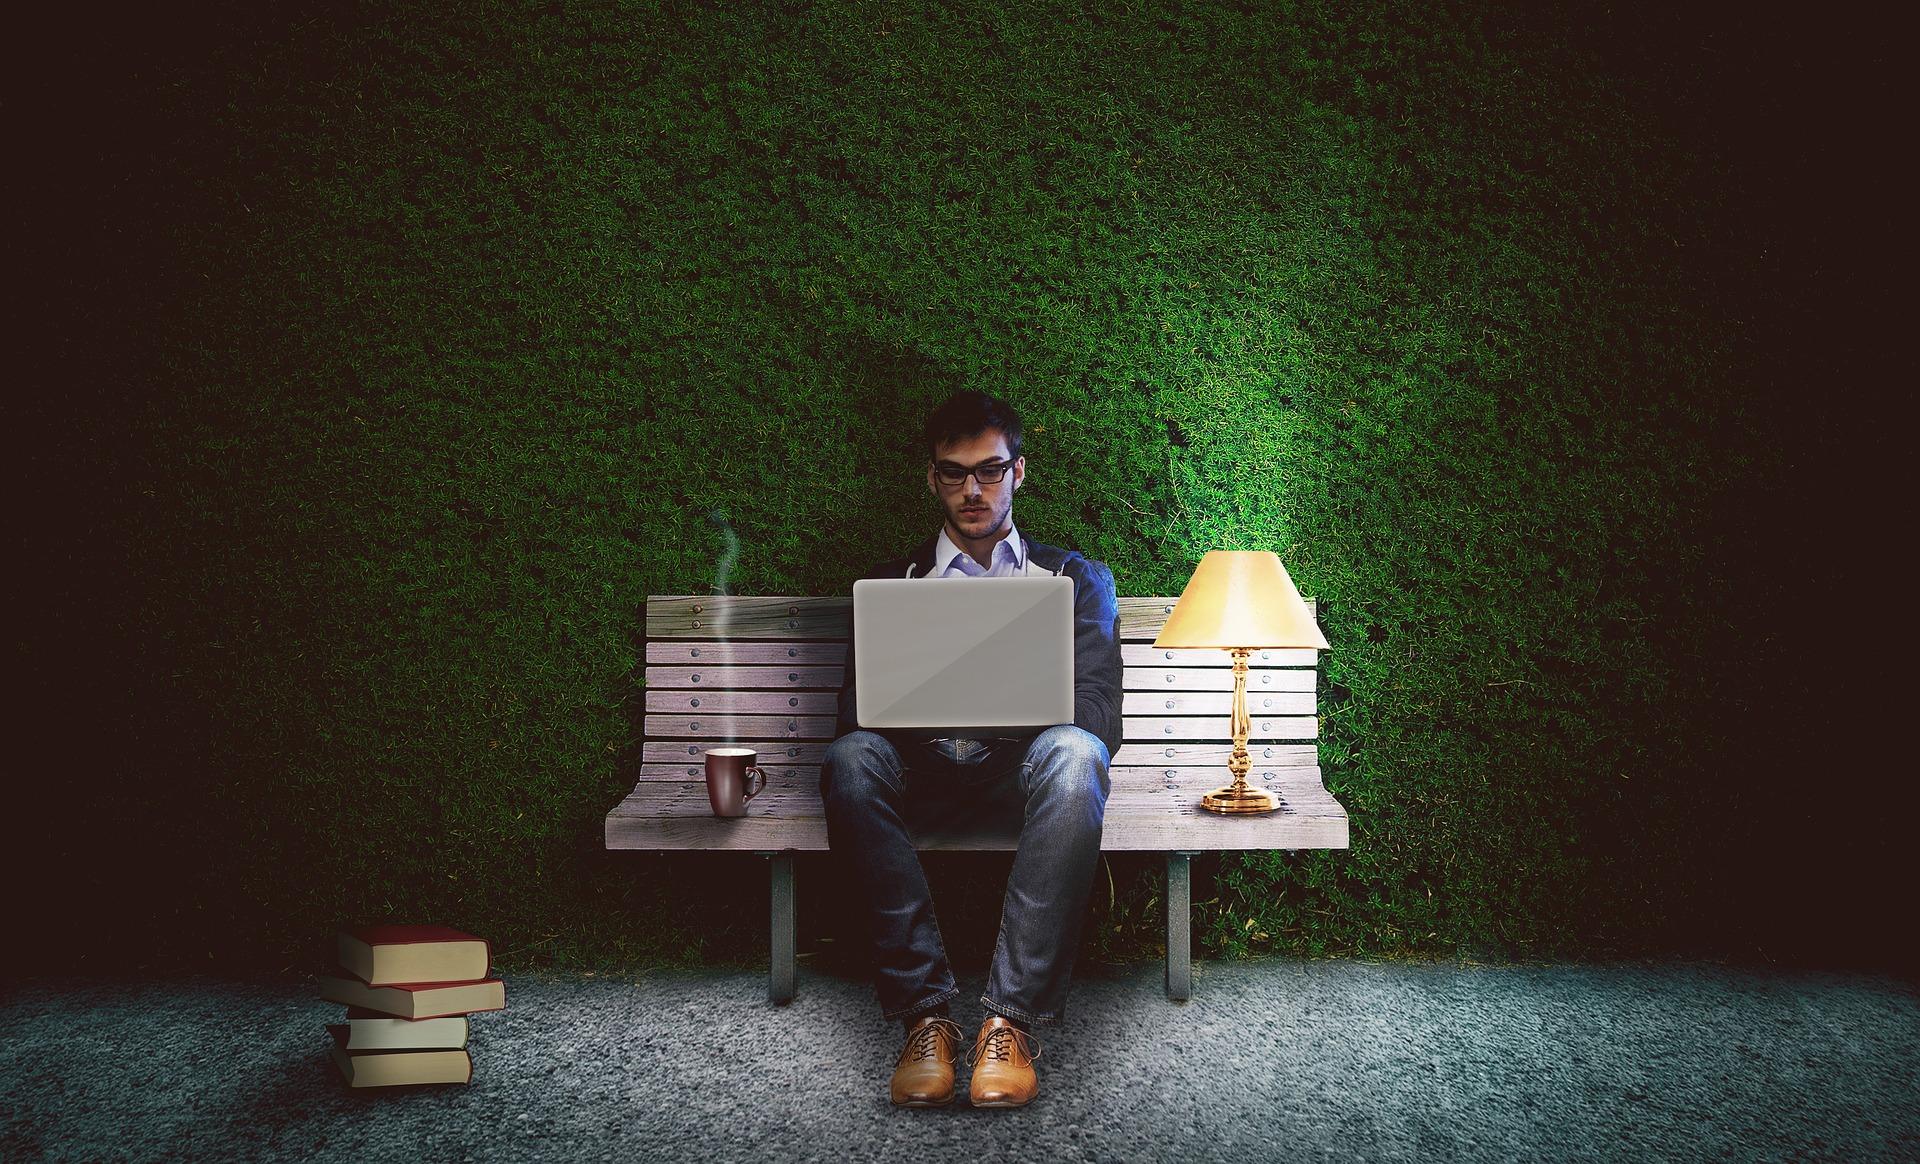 programador sozinho com café e um abajur